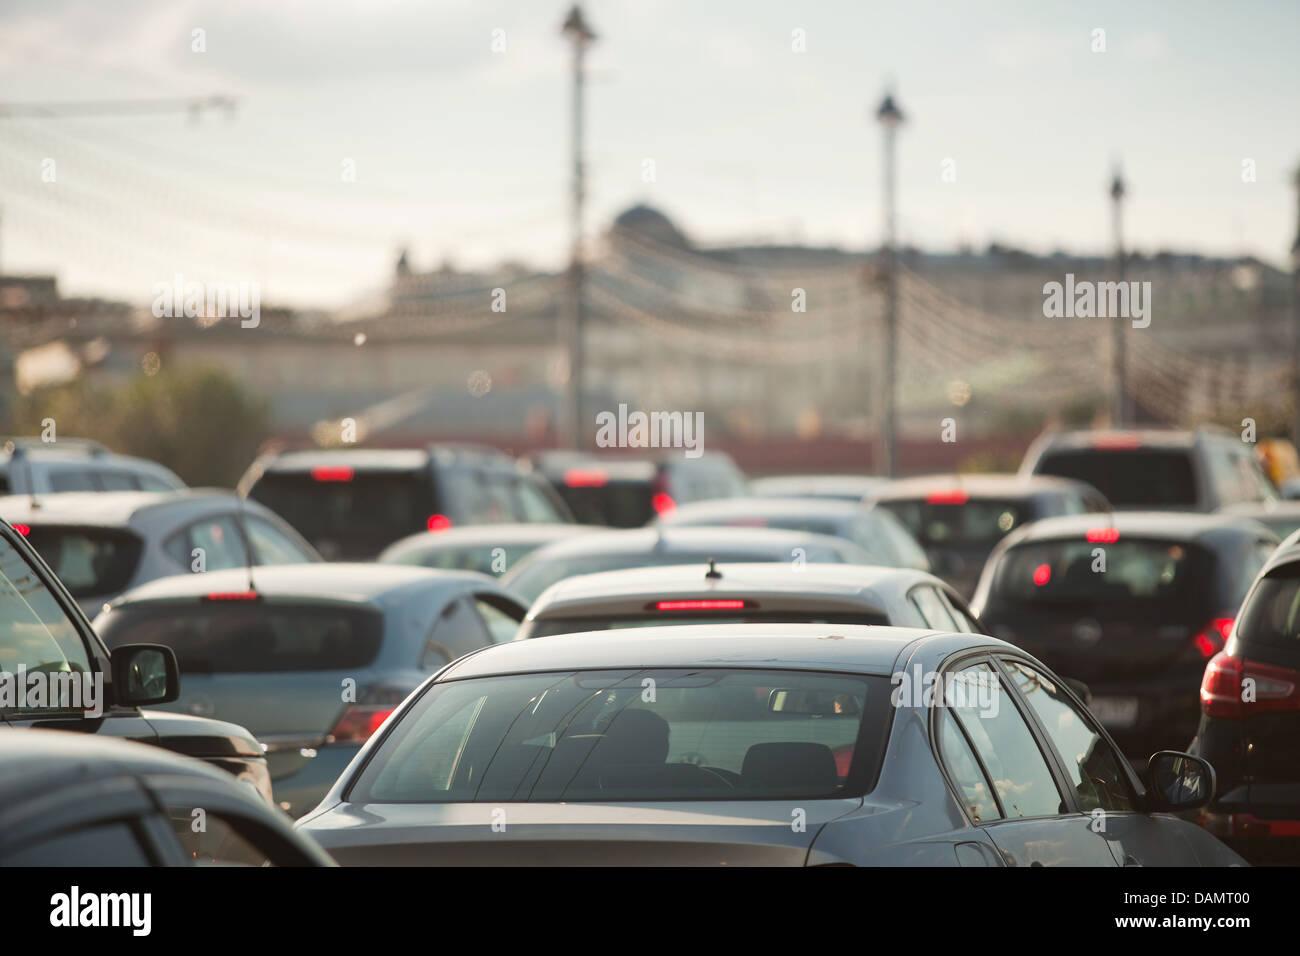 Automobili nel traffico in una città durante le ore di punta Immagini Stock